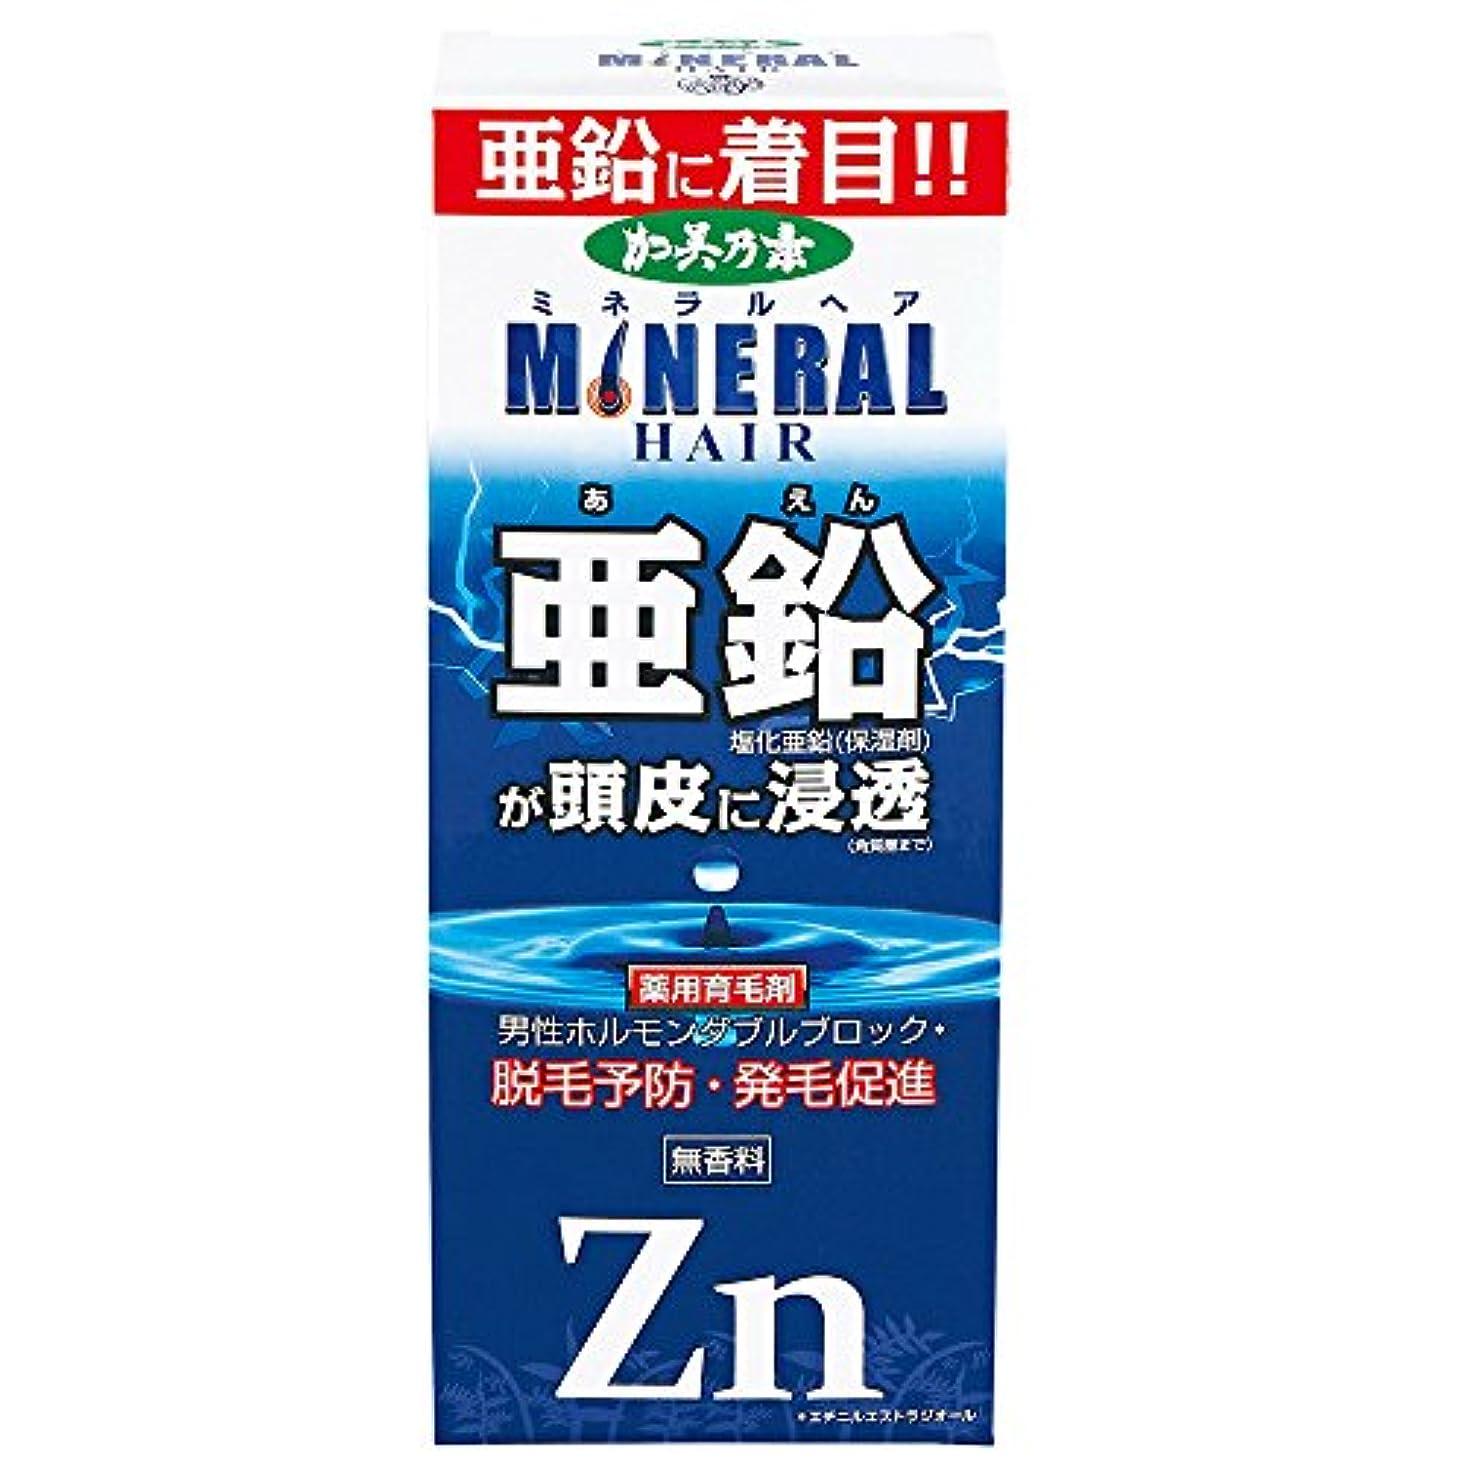 ようこそ血ビン薬用加美乃素 ミネラルヘア 育毛剤 180mL (医薬部外品)